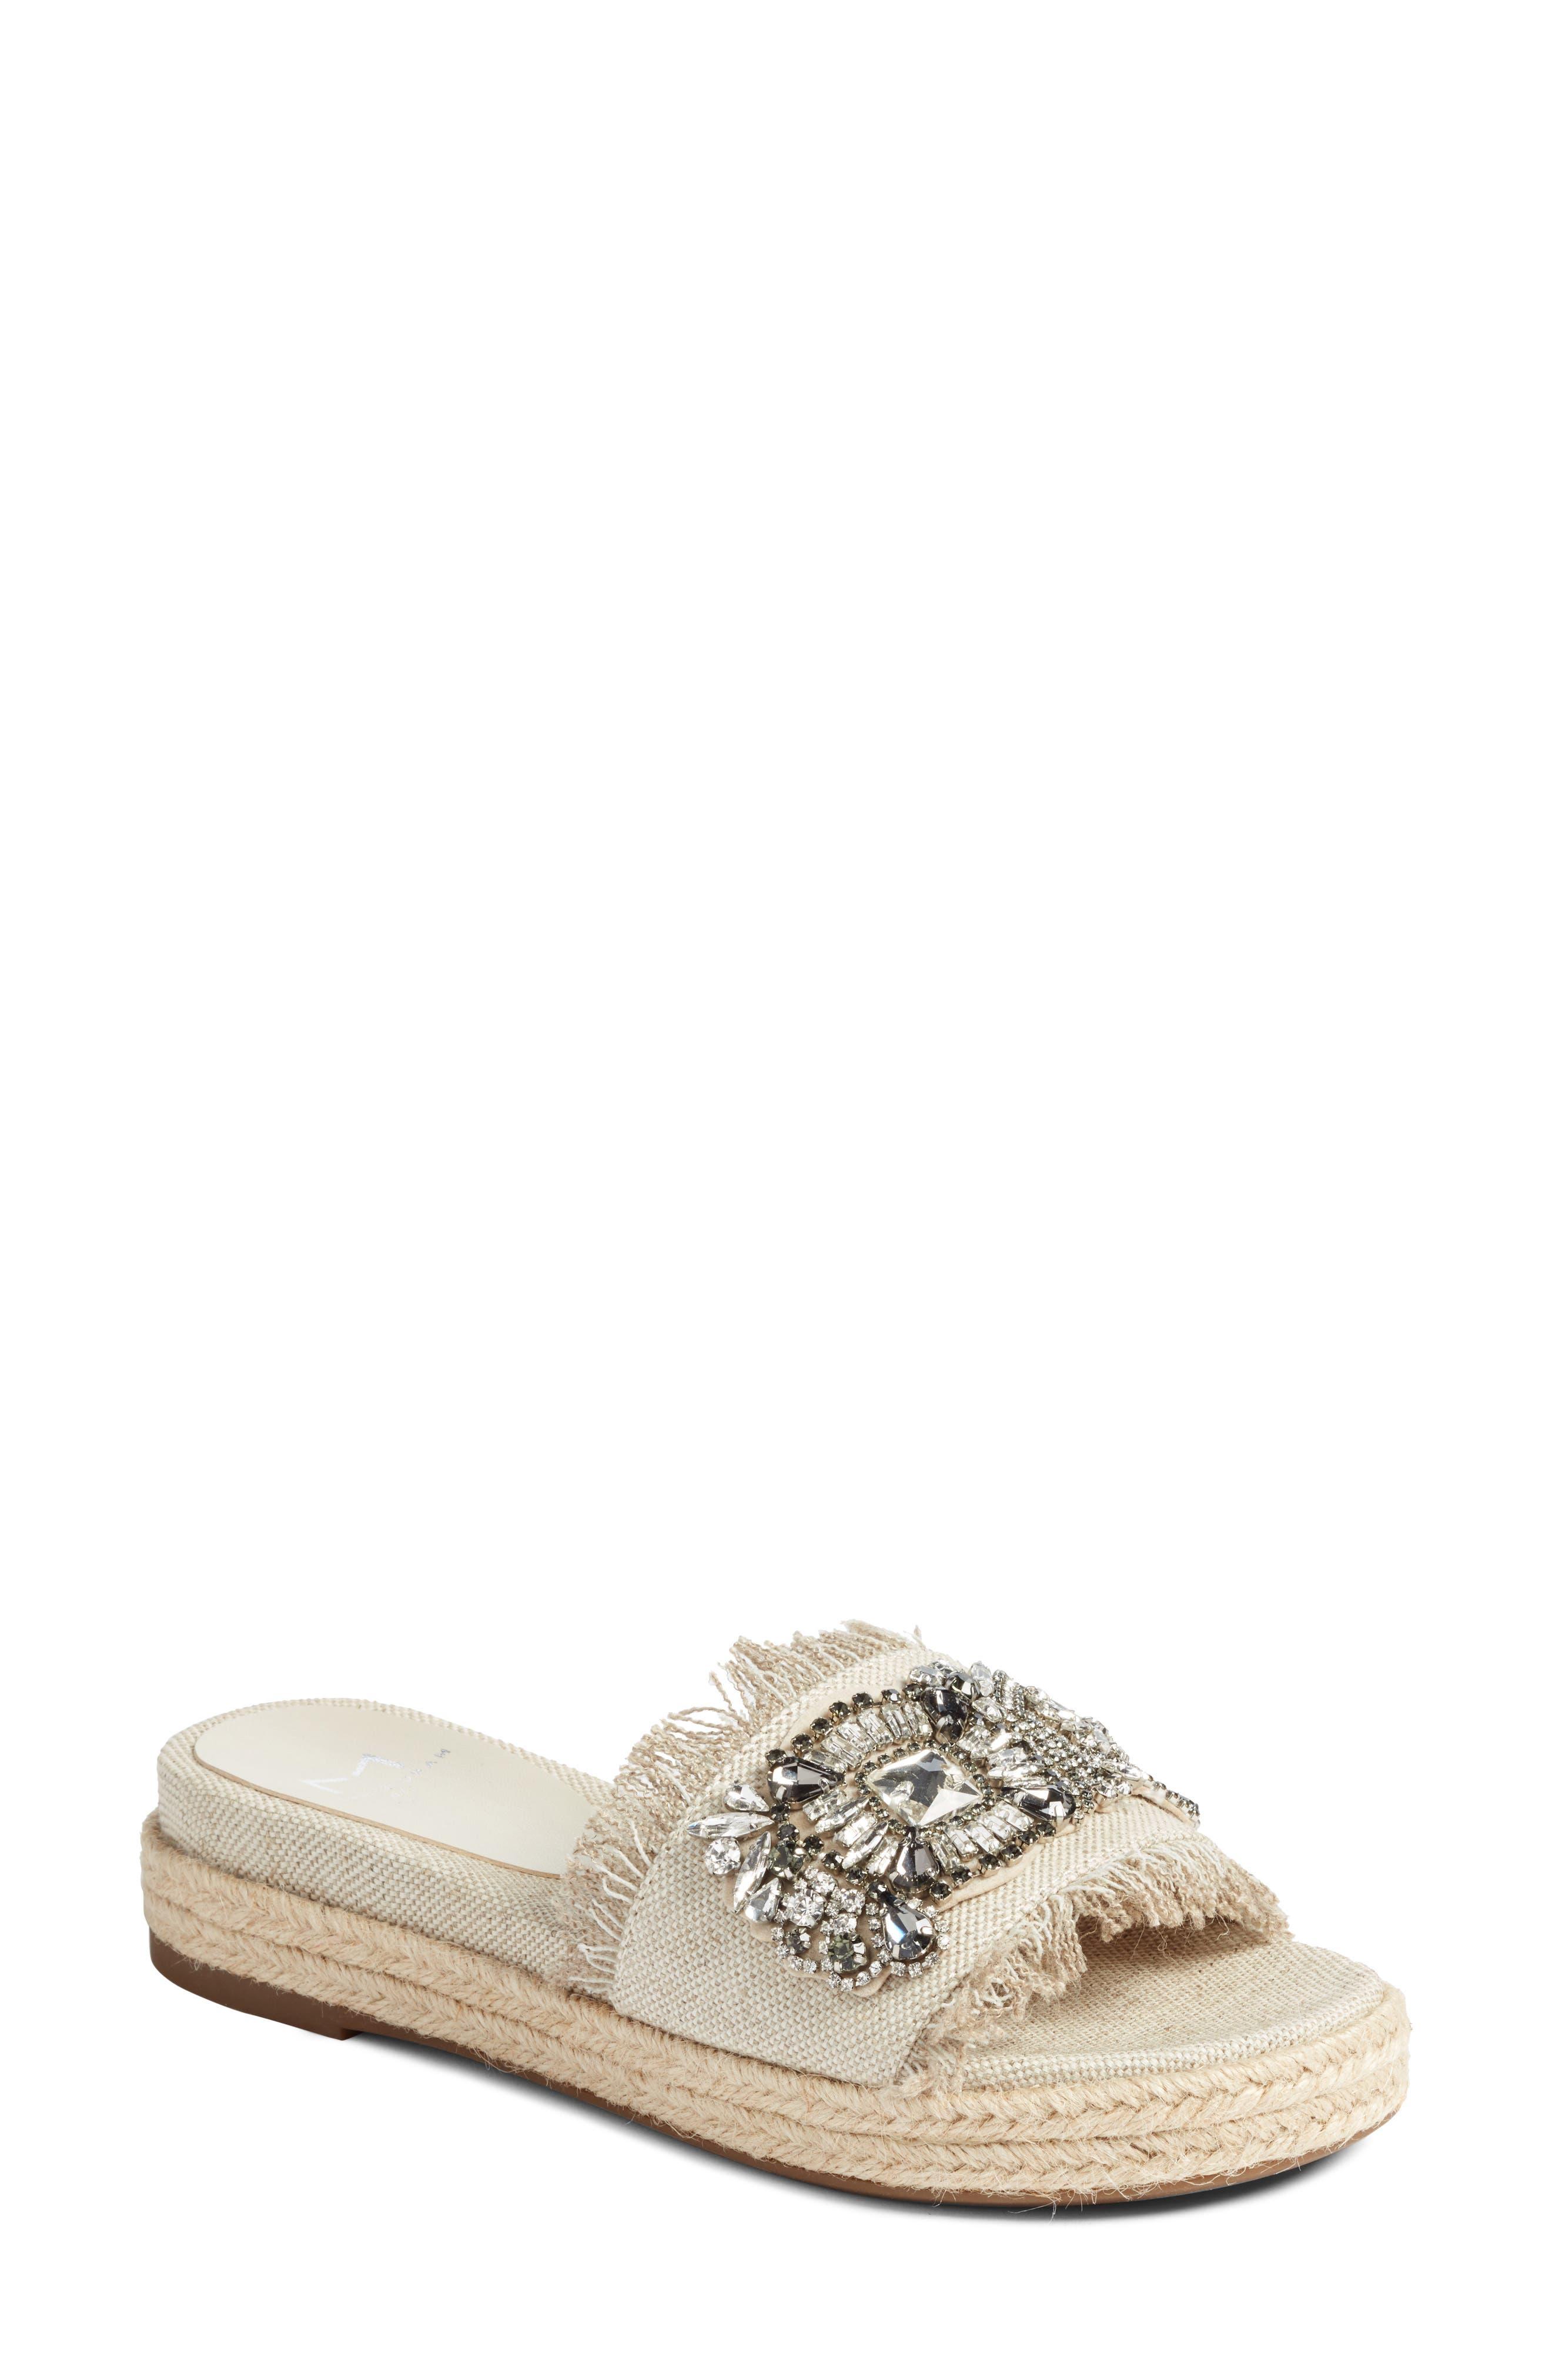 Jelly II Embellished Sandal,                         Main,                         color, 200